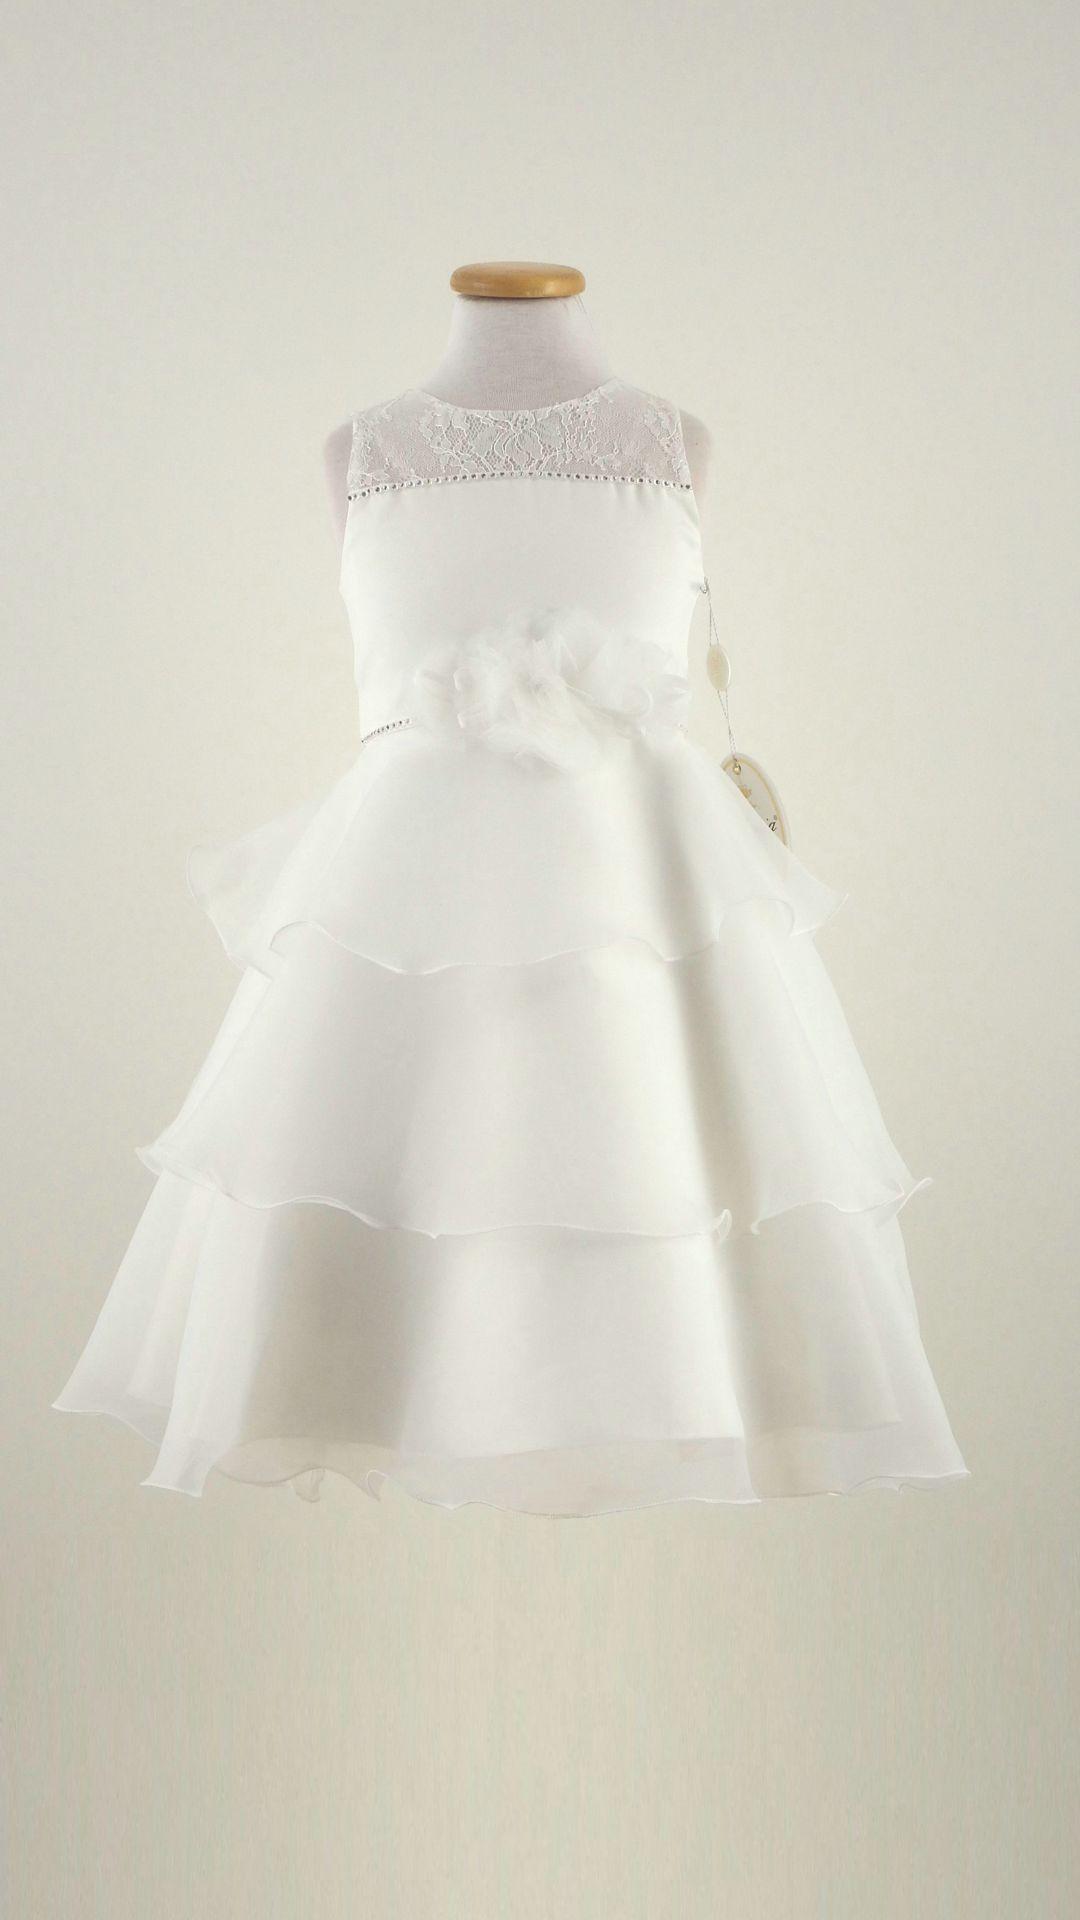 Ragazze Fiore Principessa Partito damigella d/'onore prom abito da sposa battesimo comunione